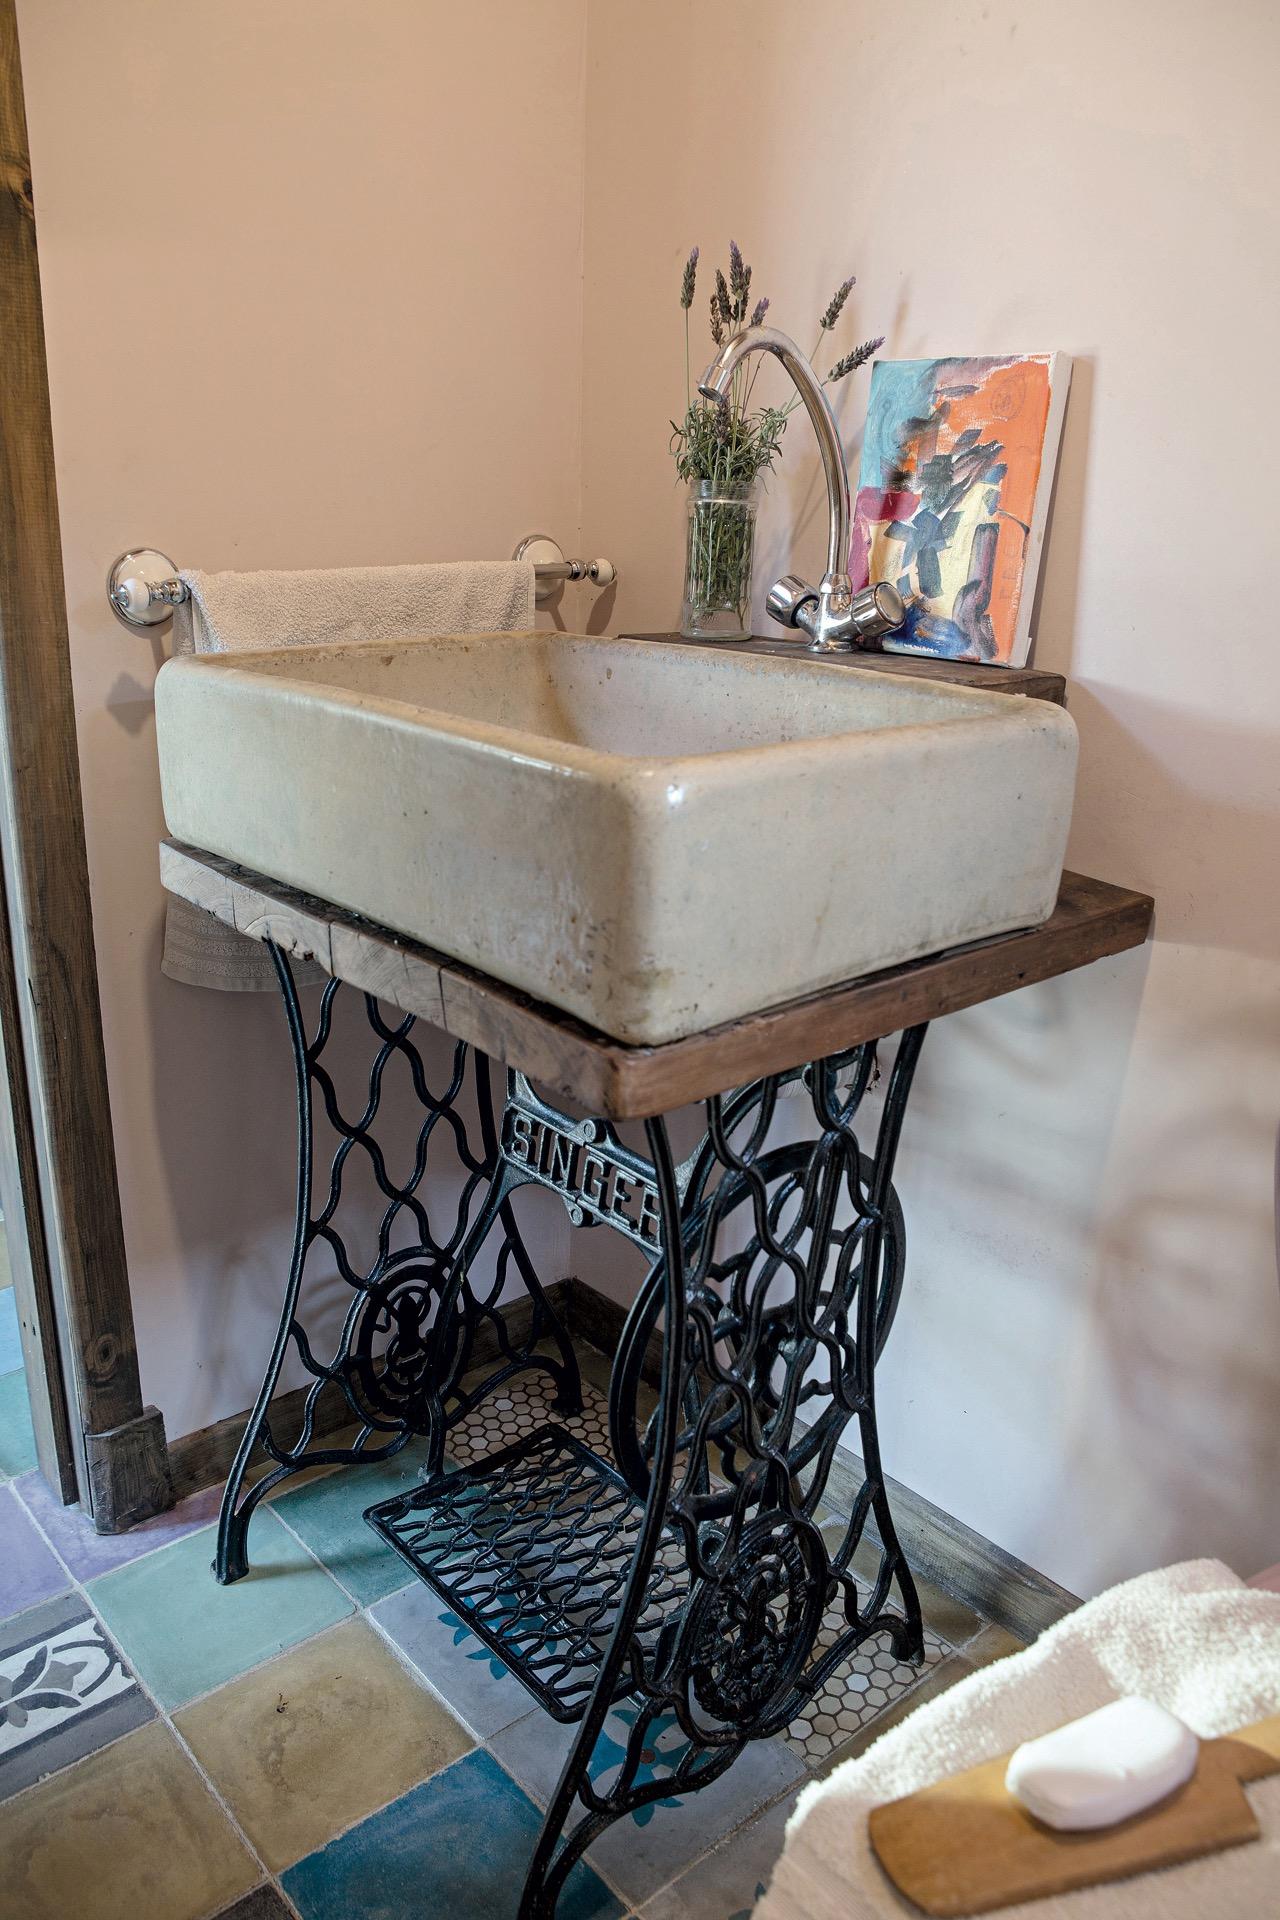 Un toilette con aires vintage.